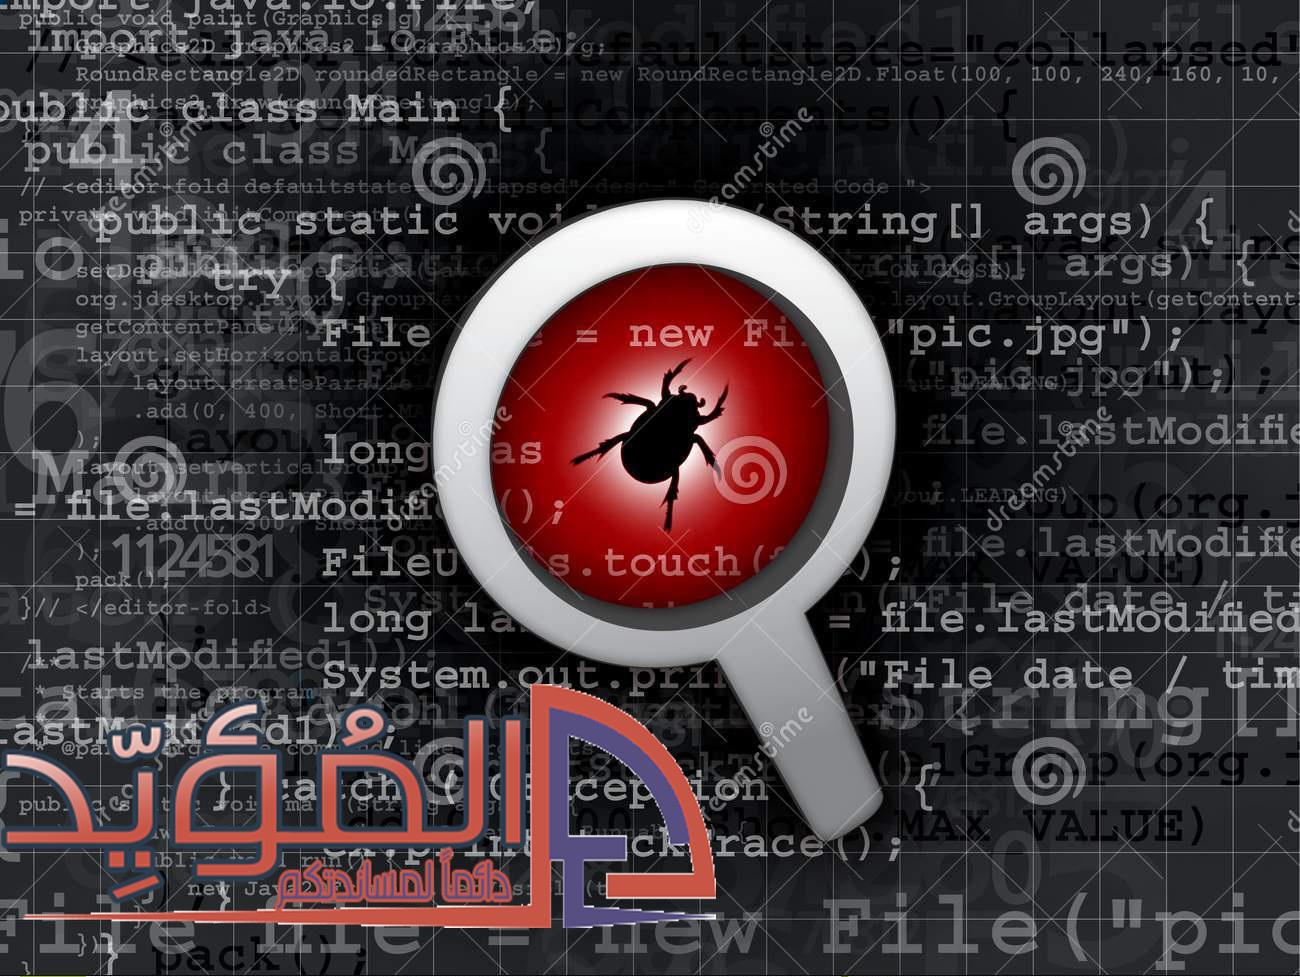 الحلقة 3 شرح كيفية استخدام البرامج المحمولة بالفيروسات بكل أمان